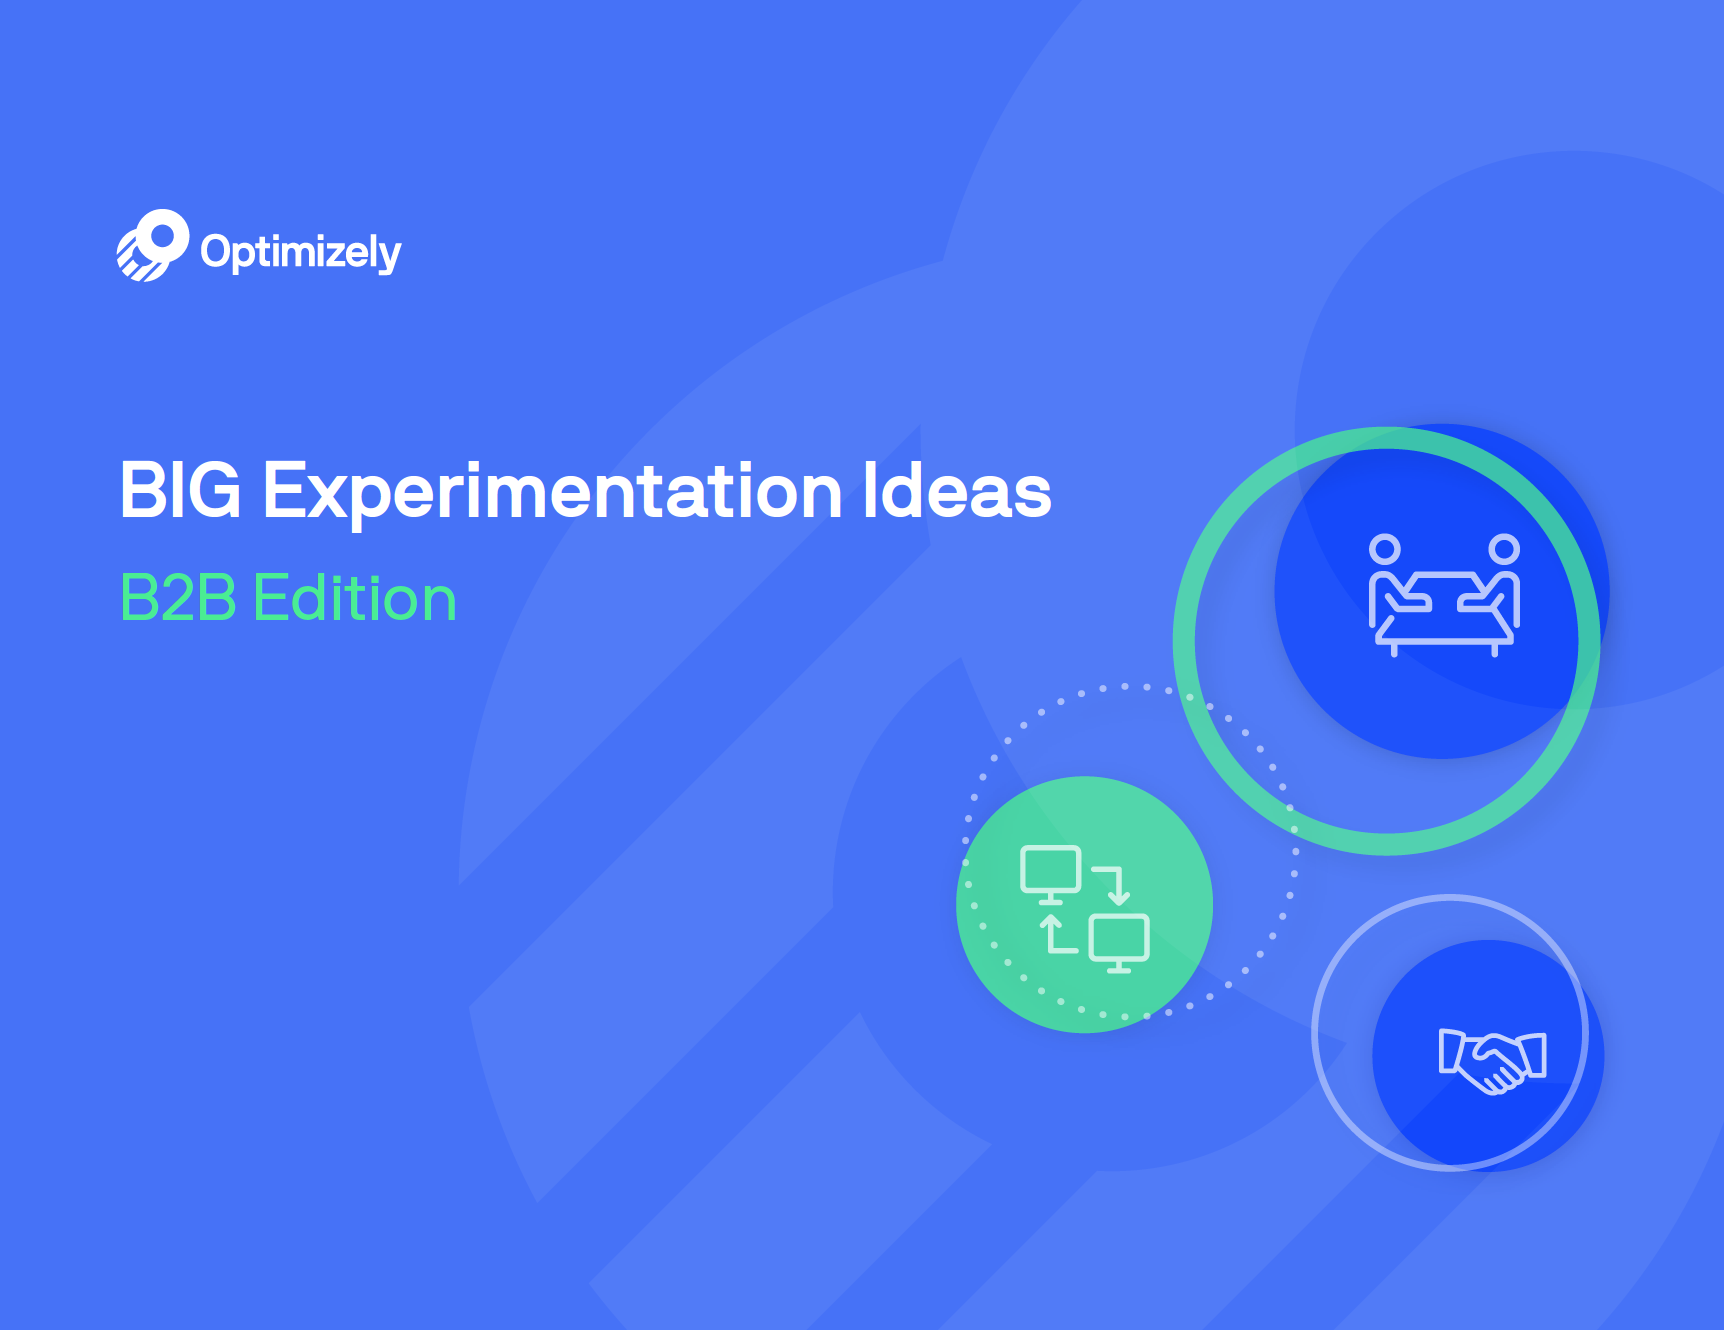 Big Experimentation Ideas: B2B Edition